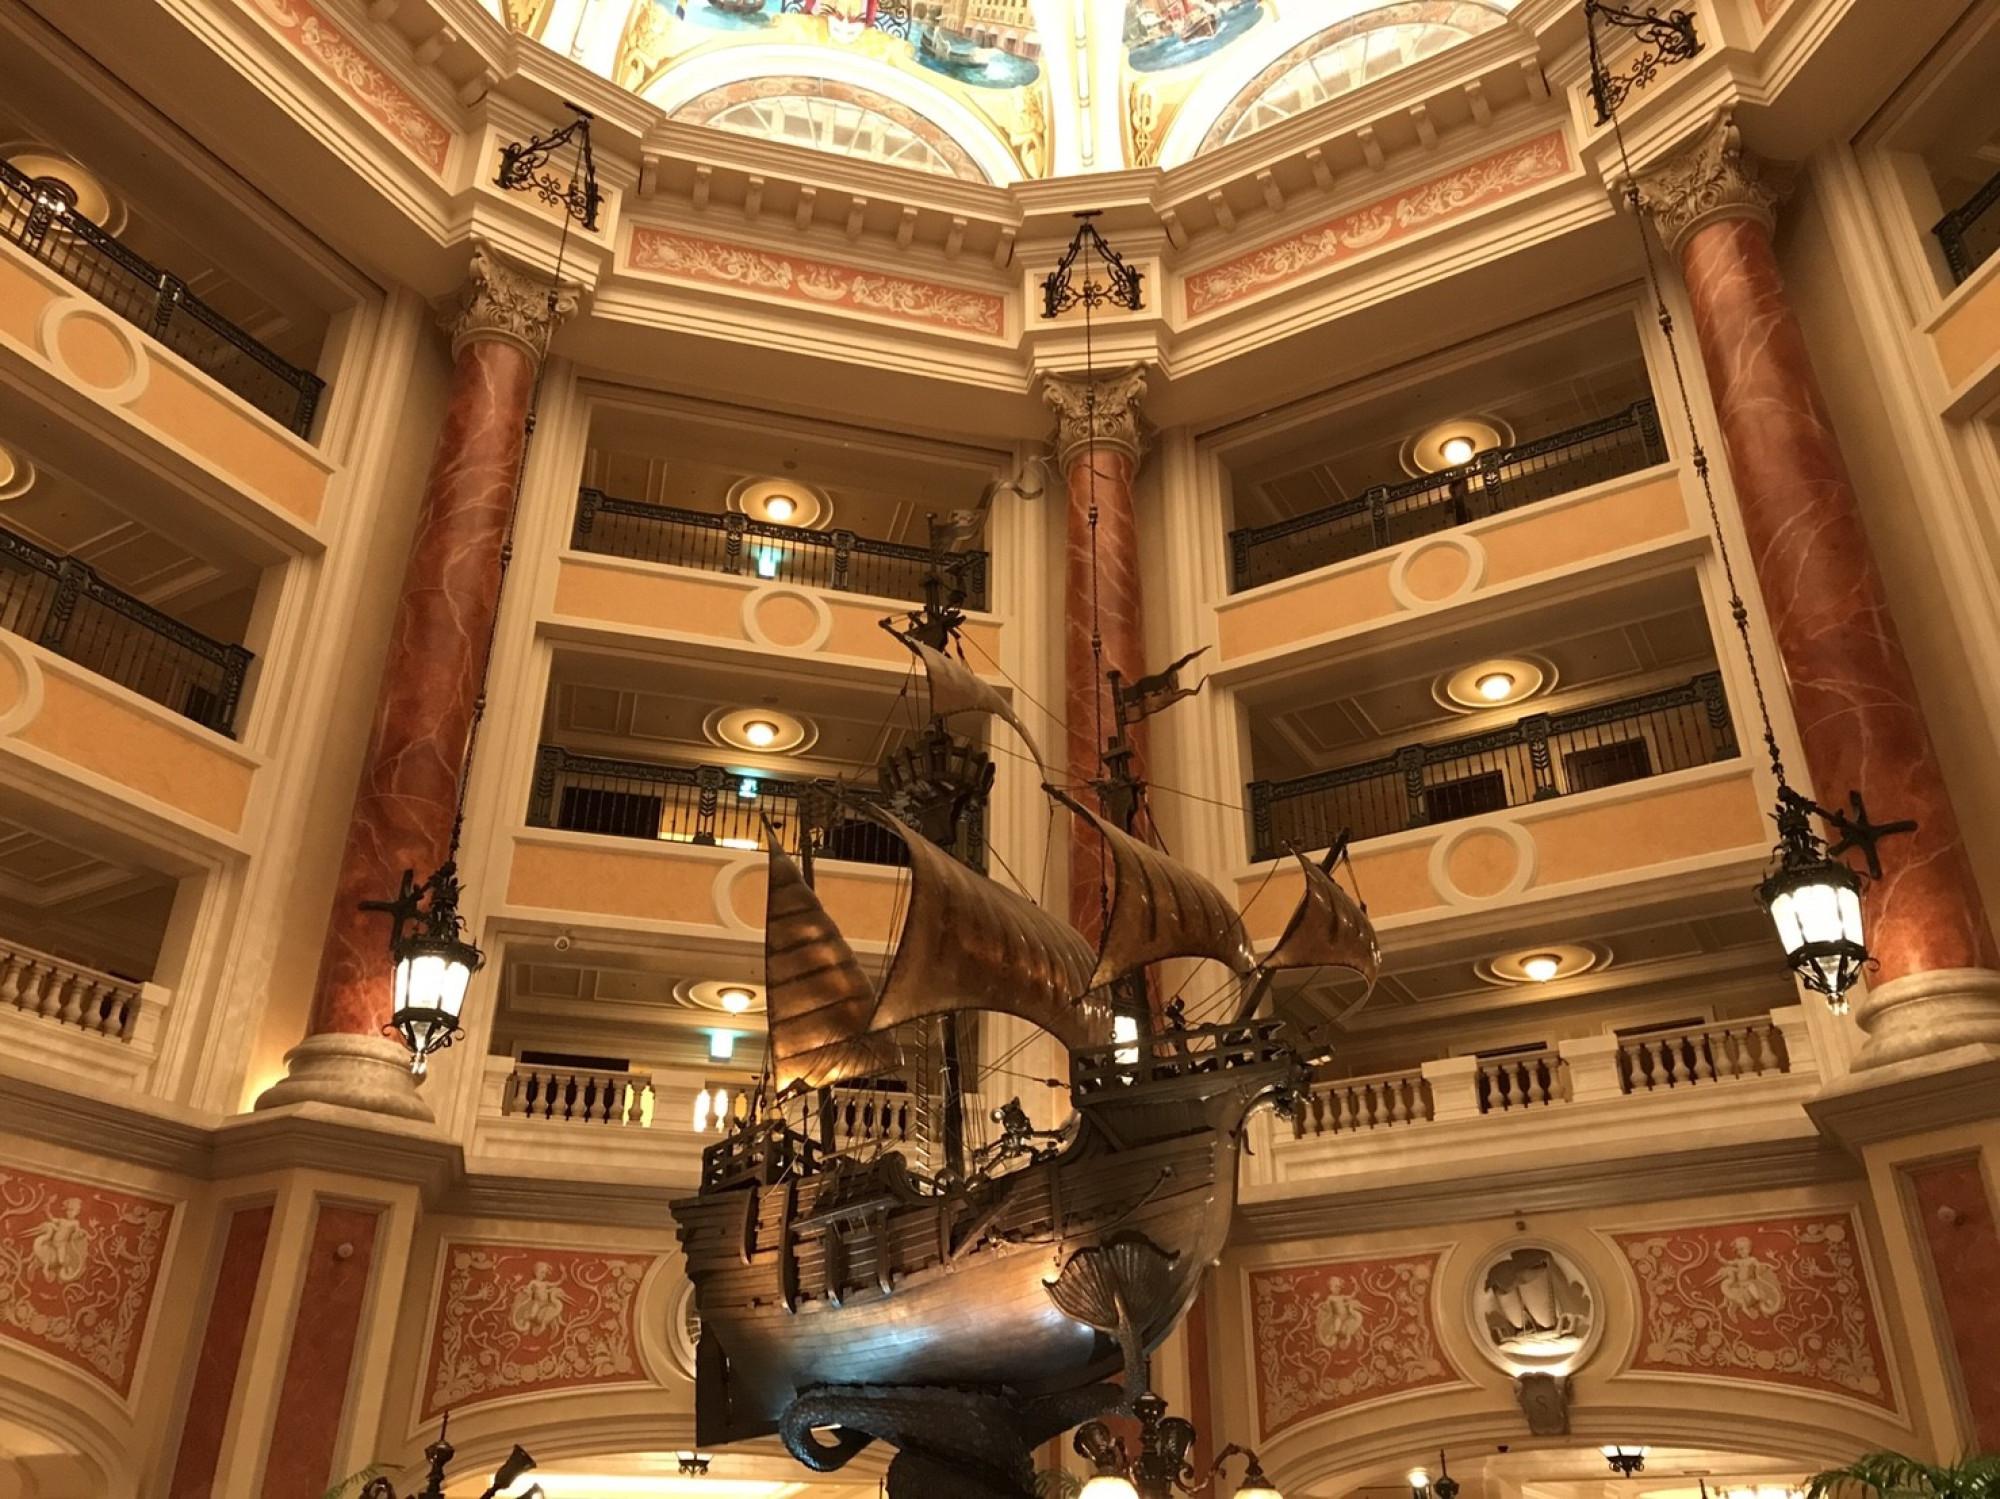 ホテルミラコスタ内の様子